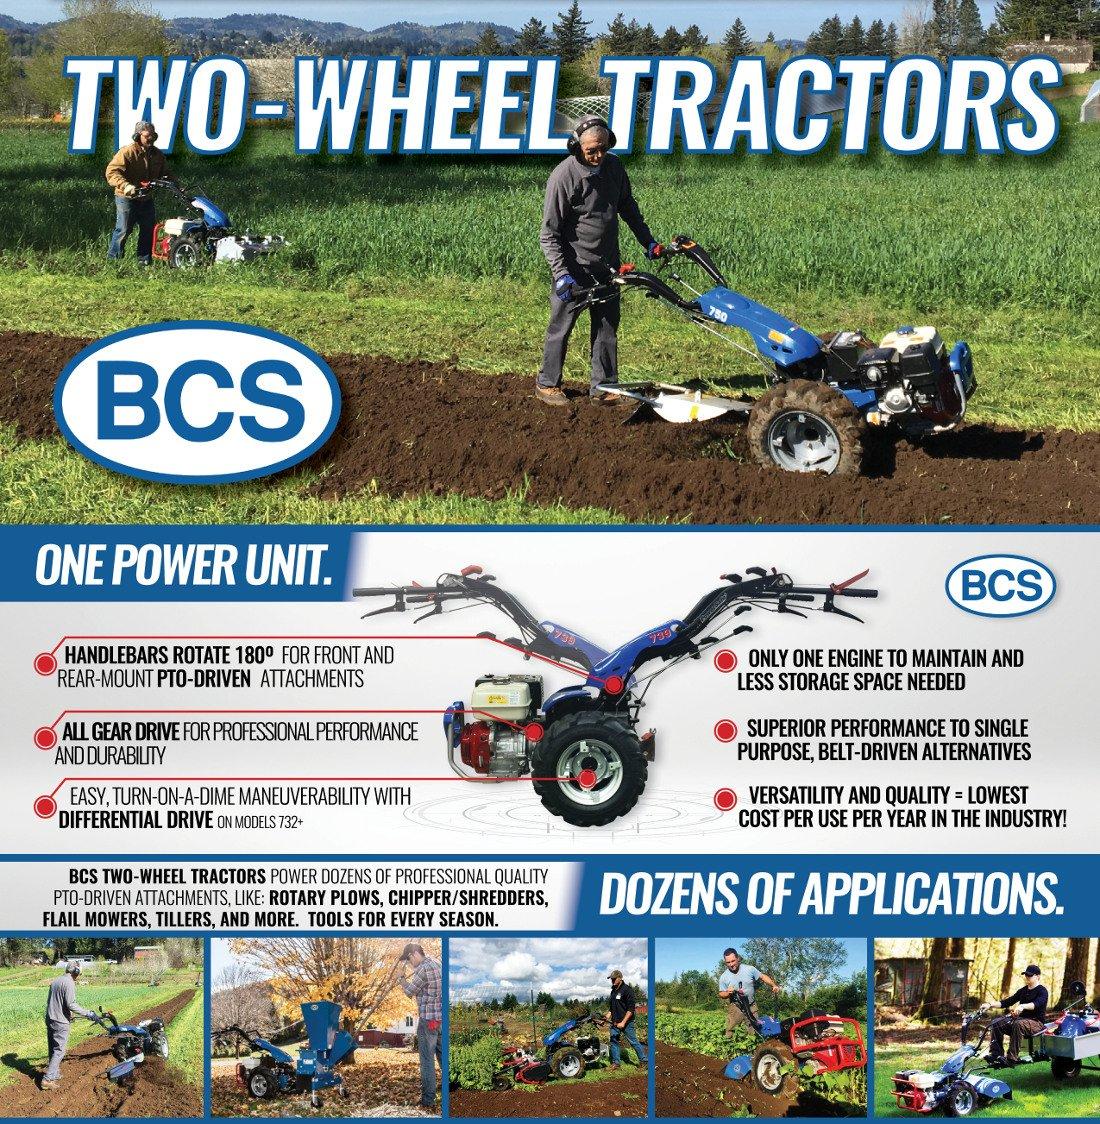 Texas BCS - BCS Walk-Behind Tractors, Implements and Accessories